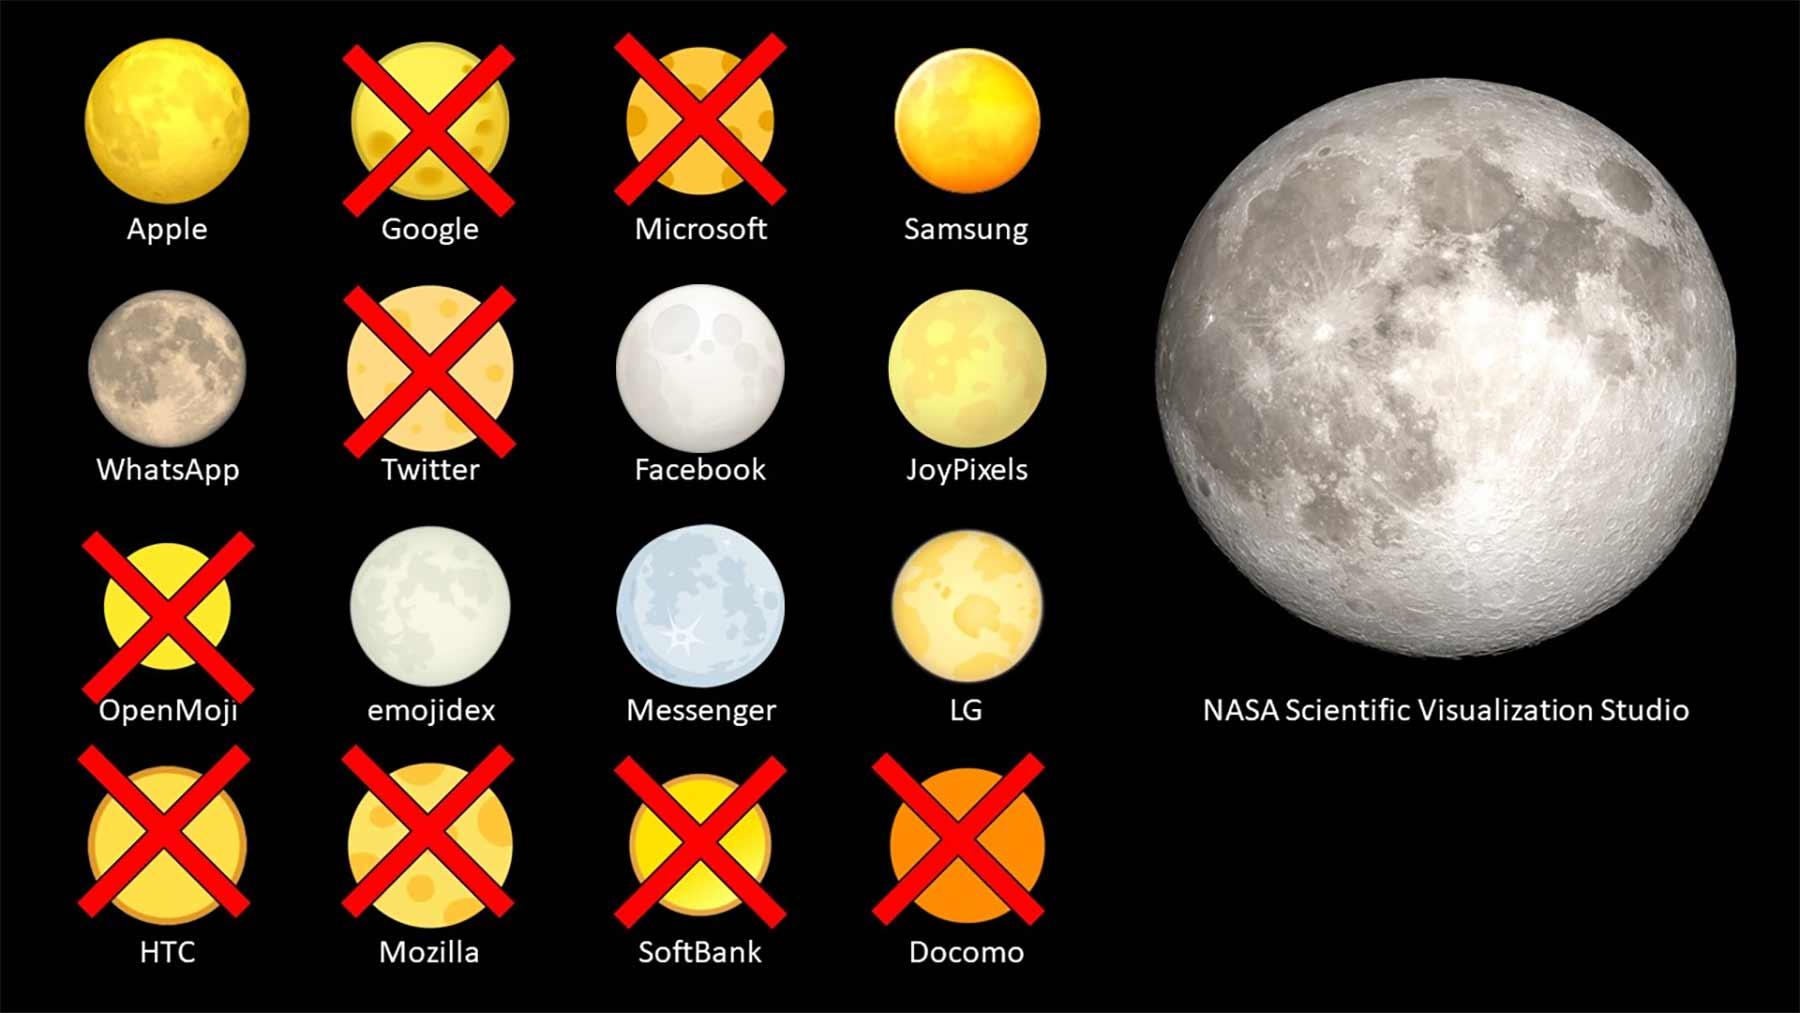 🪐-Analyse: Wie wissenschaftlich korrekt sind die diversen Saturn- und Mond-Emojis? analyse-mond-emojis_00